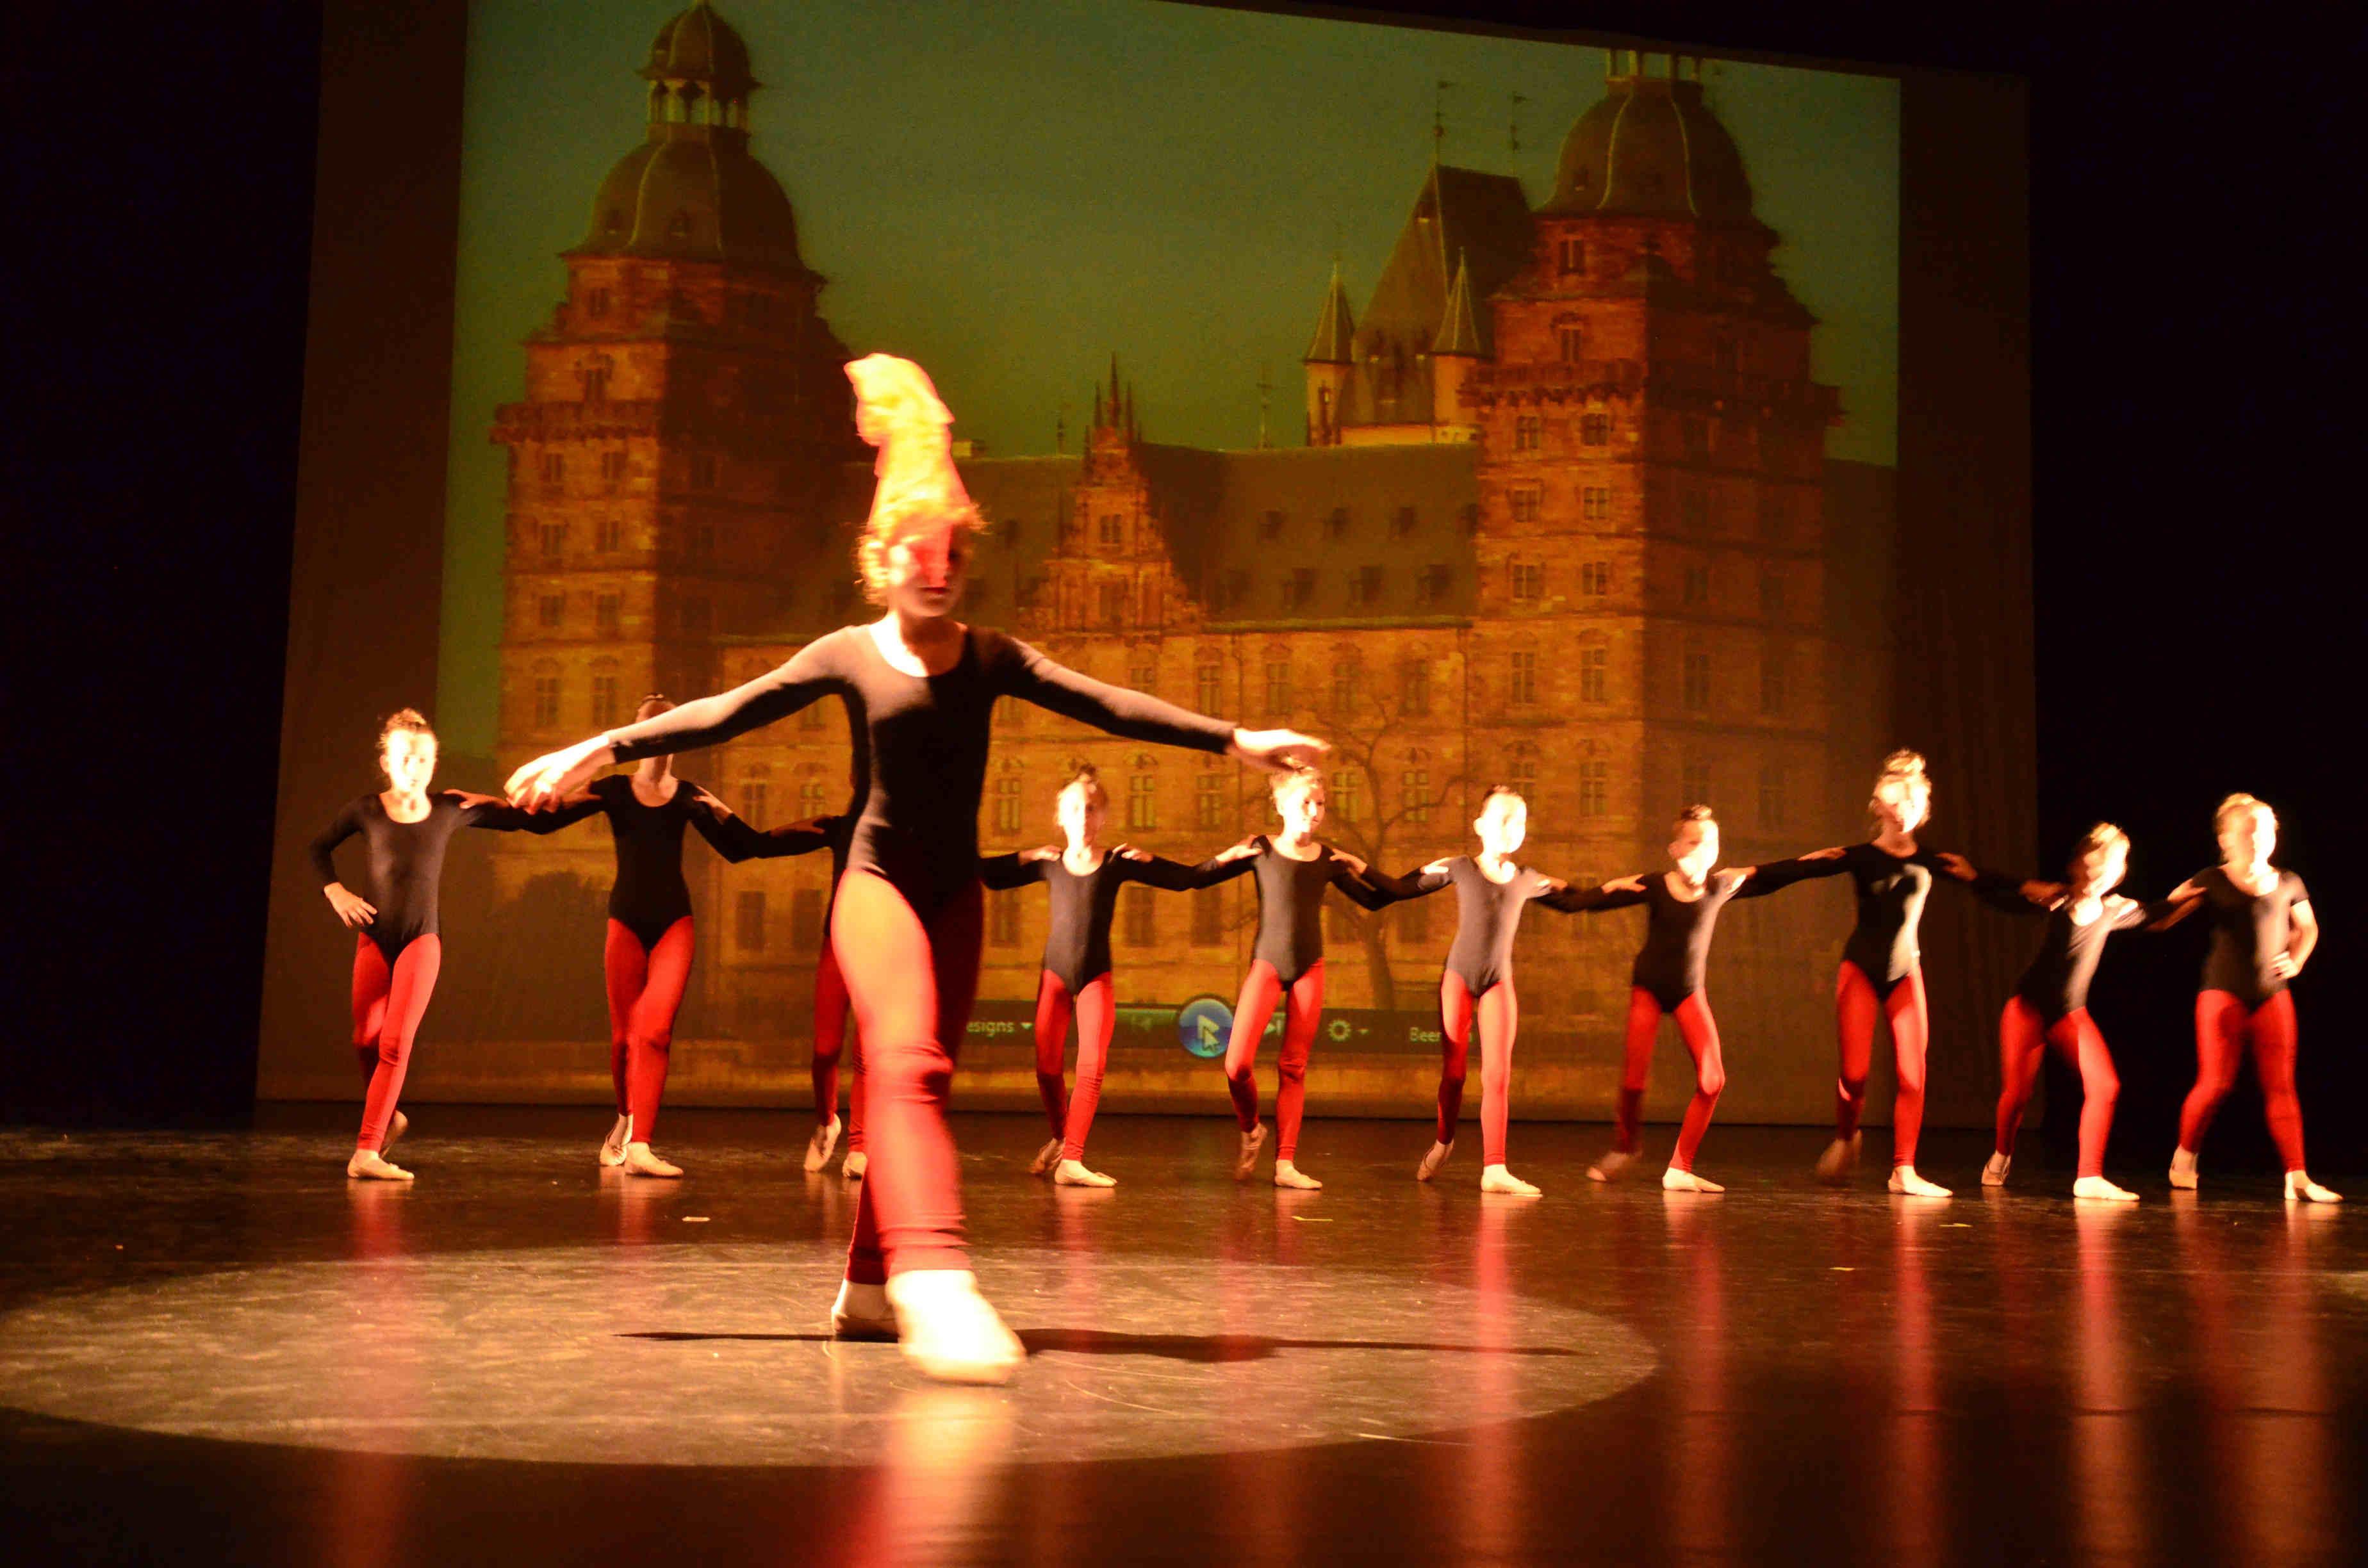 Tänzerinnen vor Schloss